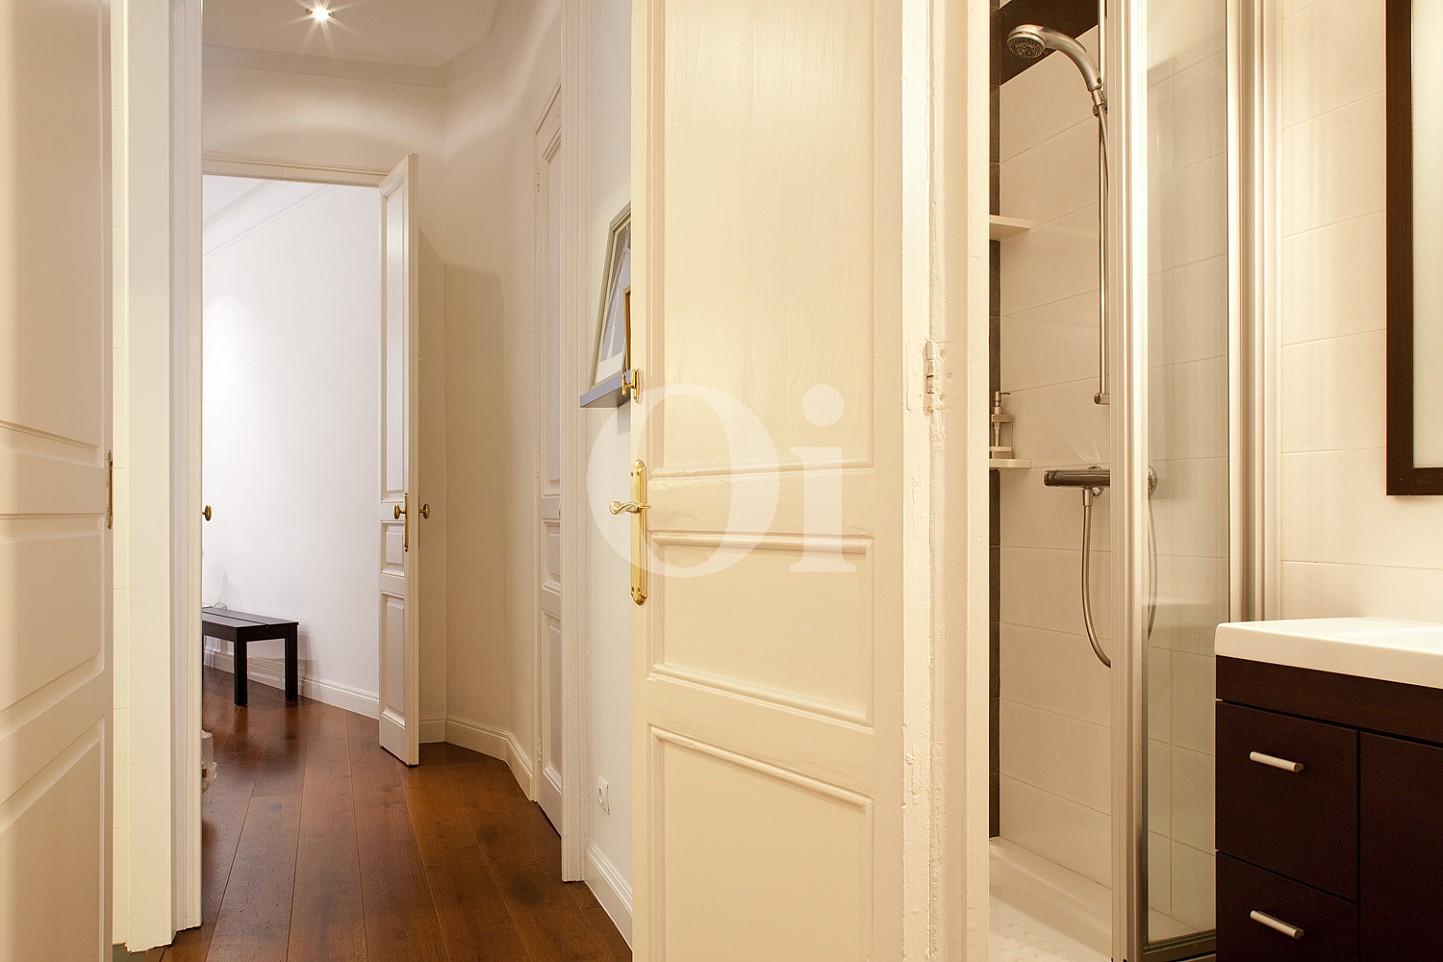 Pasillo de maravilloso piso en venta en el corazón del Eixample, Barcelona